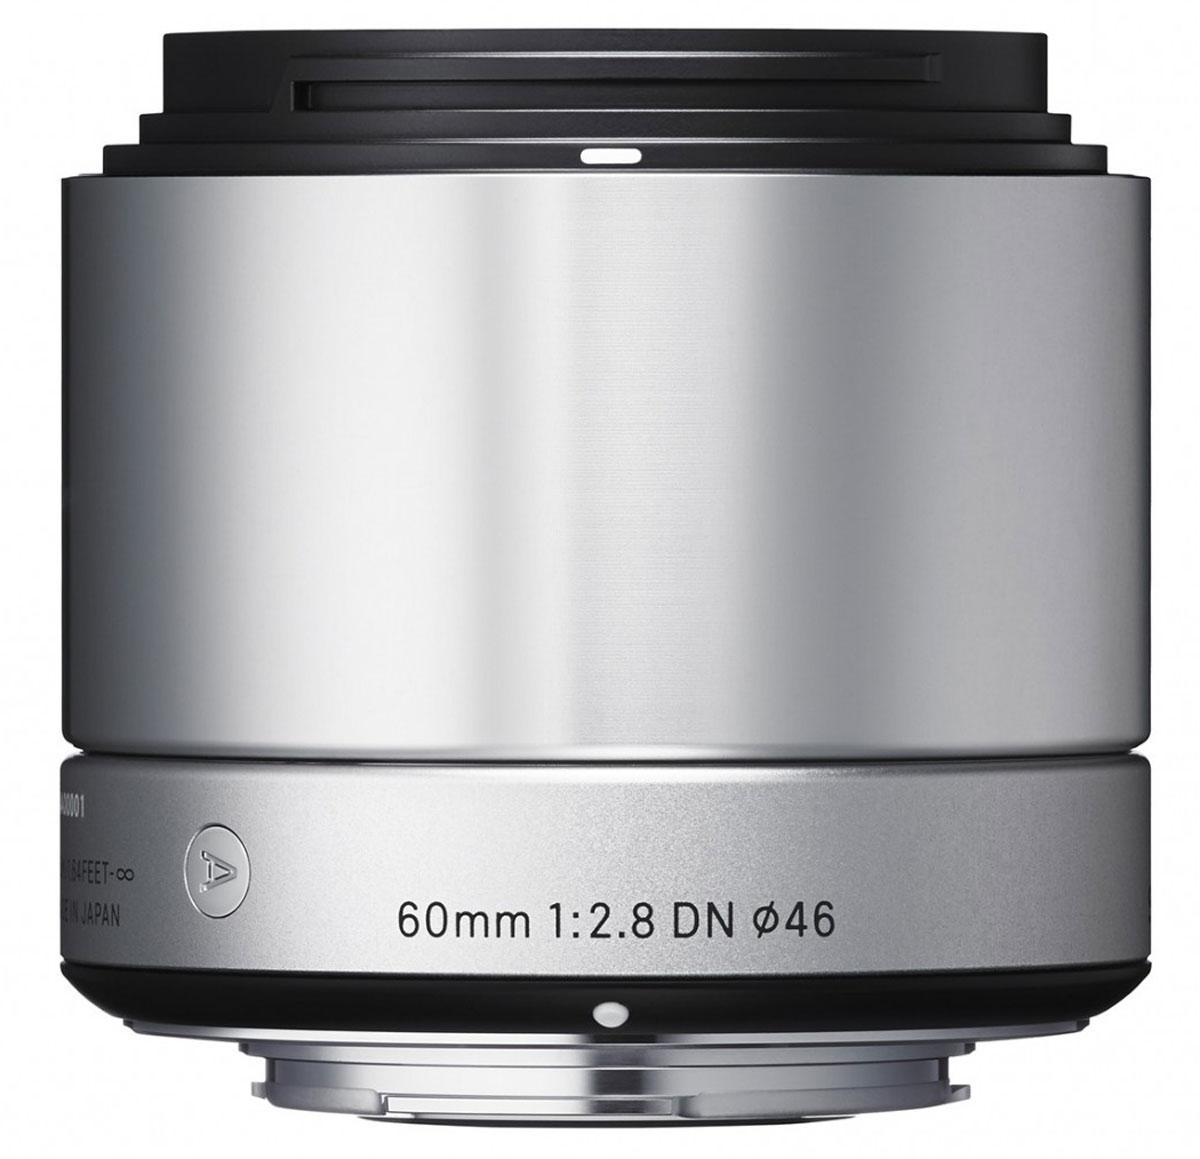 Sigma AF 60mm f/2.8 DN/A, Silver объектив для Micro 4/335S963Объектив Sigma AF 60mm f/2.8 DN/A создан с применением передовых оптических технологий - легкий и компактный, с небольшой глубиной резкости - позволяет фотографу эффектно выделять отдельные части объекта съемки.Фокусное расстояние в эквиваленте равно 120 мм для Micro Four/Third и 90 мм для Sony E. Объектив создает изображения с натуральной перспективой и небольшой глубиной резкости, что вкупе с приятным боке делает снимки особо выразительными. Кроме этого, значительно улучшена функциональность. Простая форма кольца фокусировки, различие текстур каждой части, использование металла как основного материала и цельный корпус - все это составляющие дизайна Sigma AF 60mm f/2.8 DN/A.В конструкции объектива применяется самое современное сверхнизнодисперсное оптическое стекло (SLD), а также литые асферические элементы, что гарантирует превосходное исправление искажений и других видов аберрации. Закругленная 7-лепестковая диафрагма создает привлекательное размытие изображения, находящегося не в фокусе. Современная телецентрическая оптическая схема объектива обеспечивает отличное качество изображения по всему полю кадра. Объектив имеет линейный двигатель AF, который перемещает линзу без необходимости использования дополнительных механических частей. Эта система обеспечивает быструю и бесшумную автофокусировку, что позволяет использовать данную модель как для записи видео, так и для съемки фотографий.